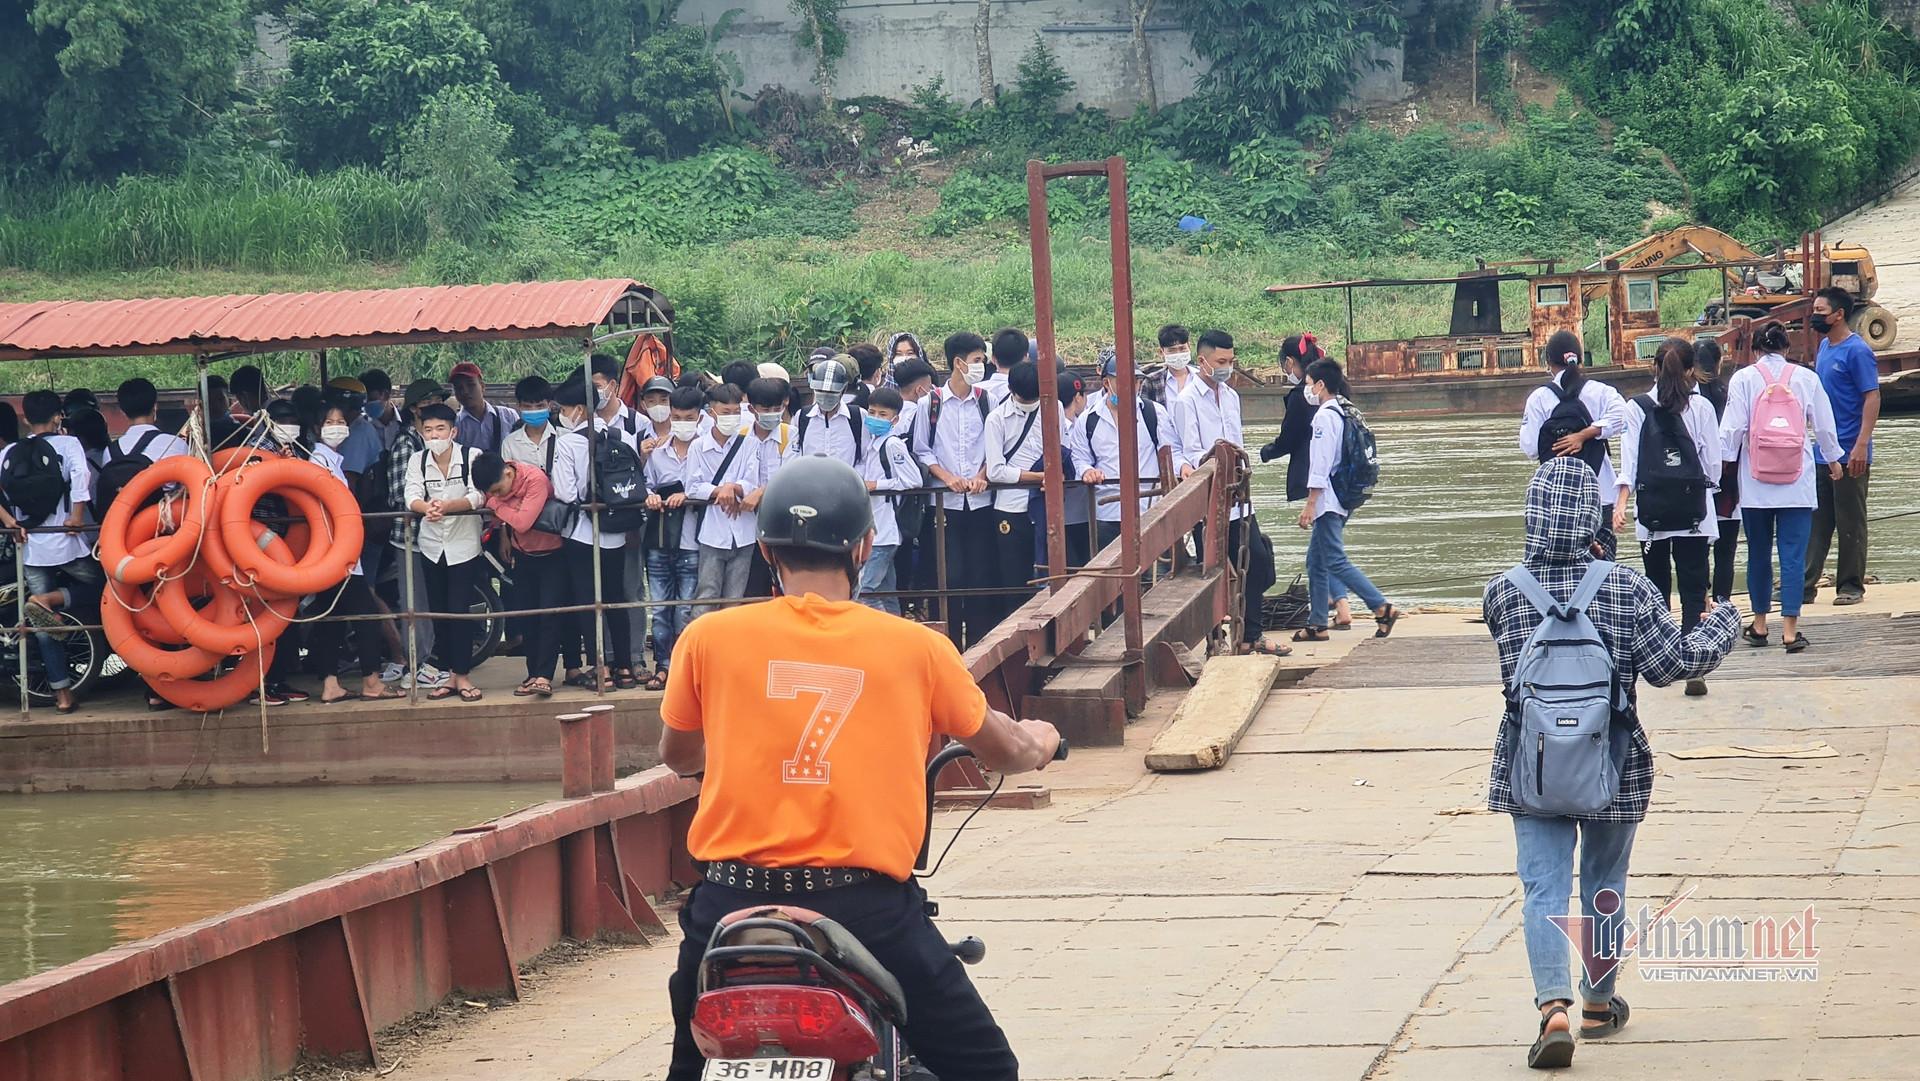 Chuyến đò 'ken cứng' người qua dòng sông chảy xiết ở Thanh Hóa